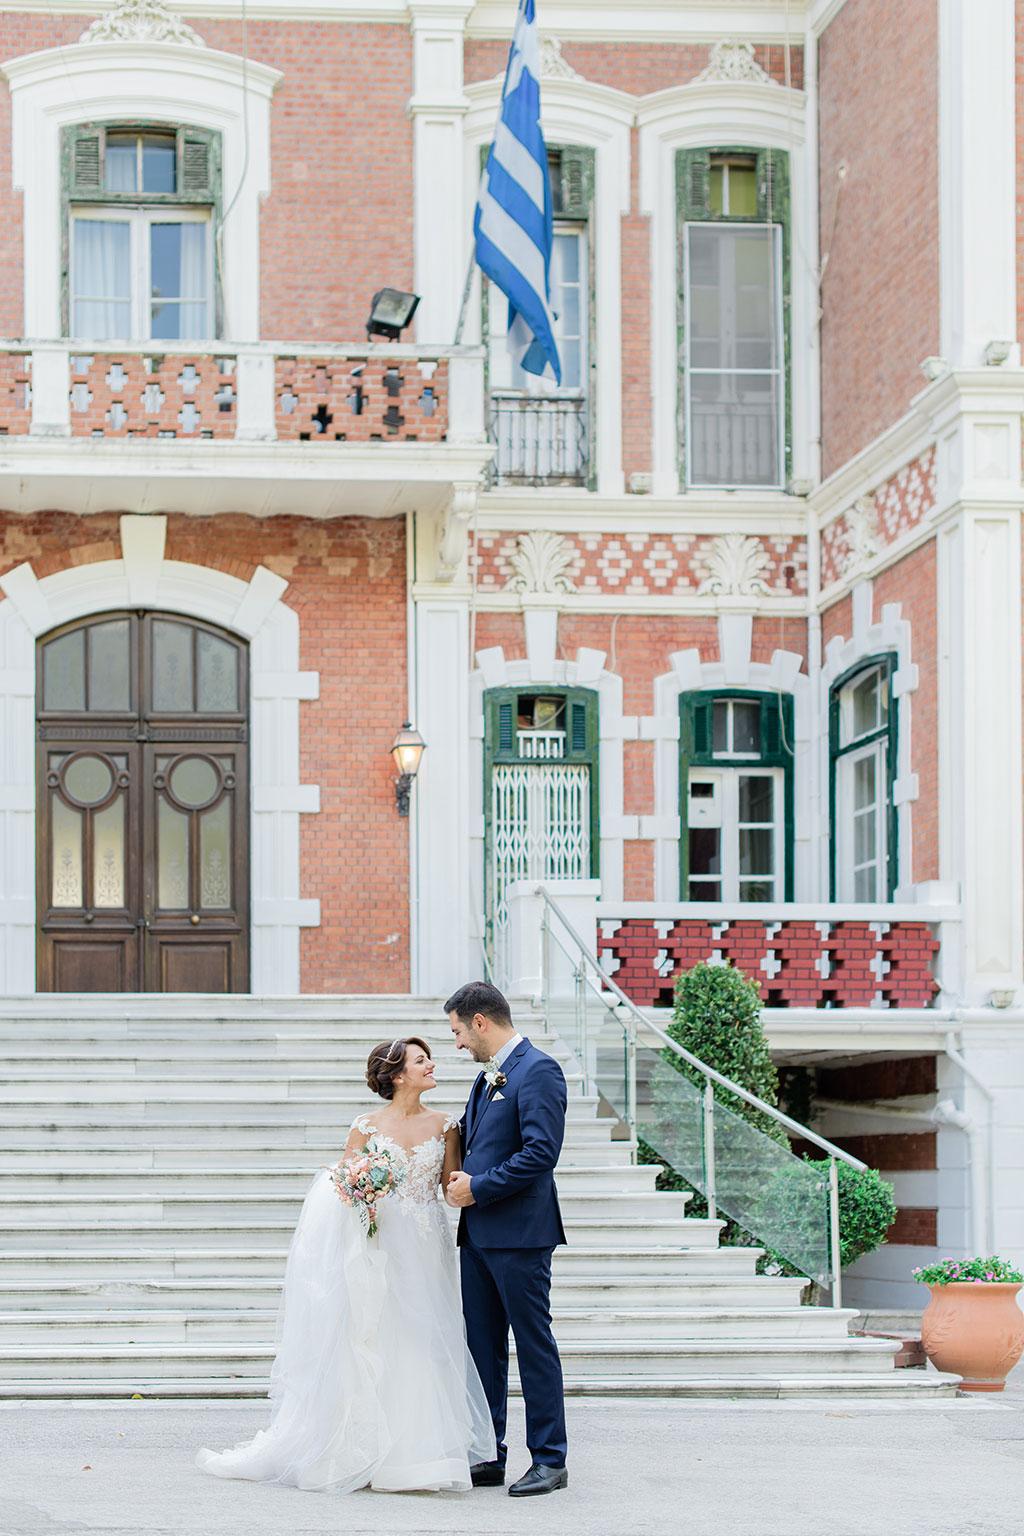 Φωτογράφος γάμου στην Θεσσαλονίκη με ιδιαίτερη αισθητική στη φωτογραφία γάμου